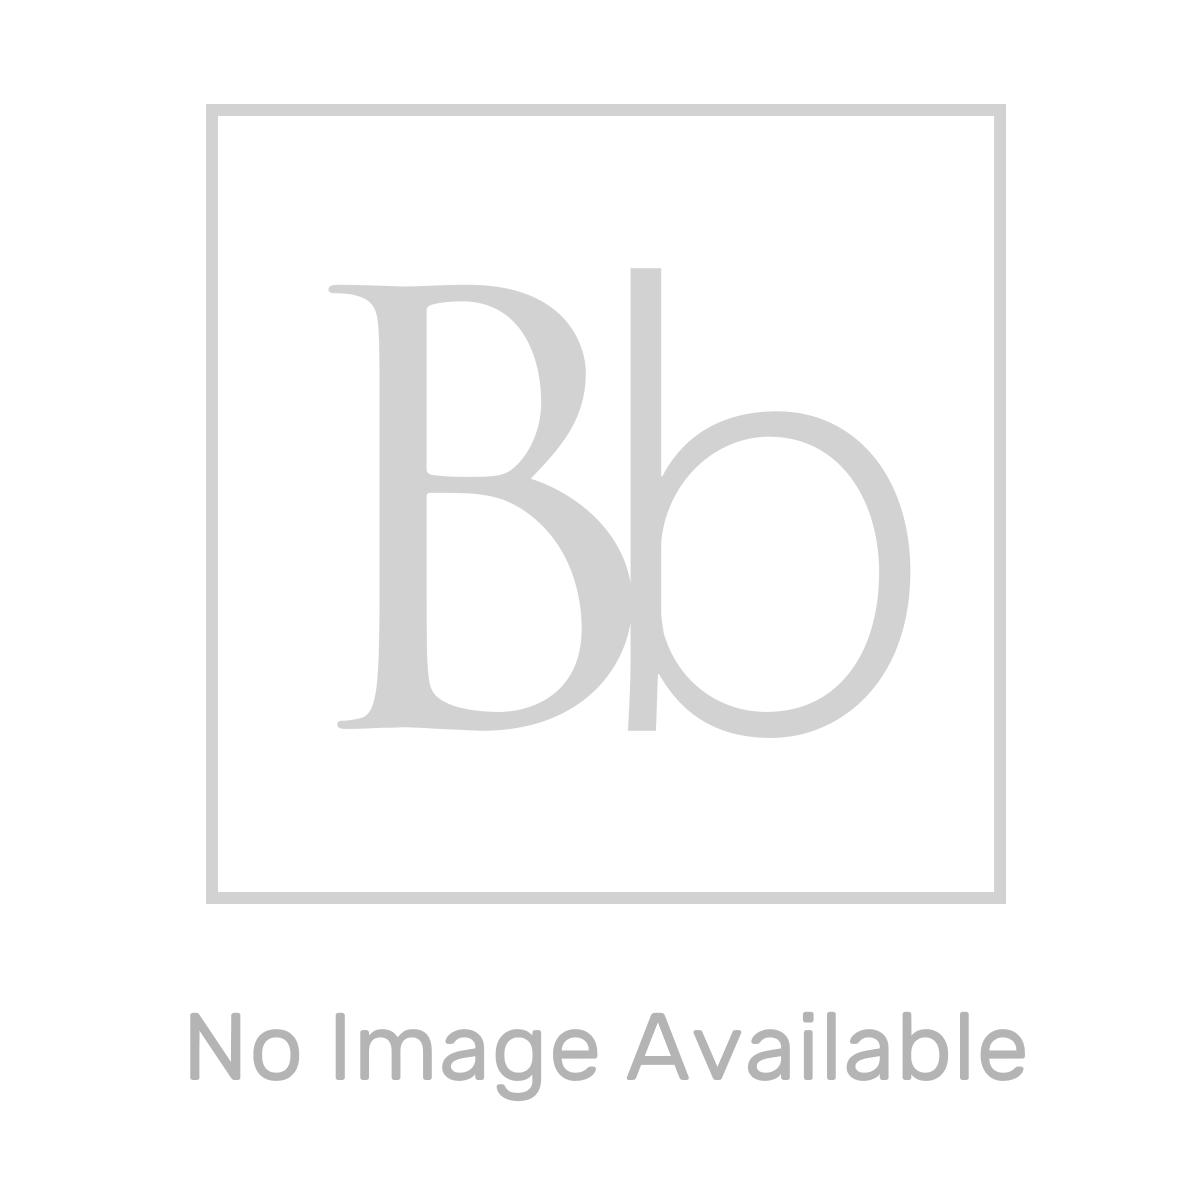 HiB Cool White LED Round Chrome Shower Light